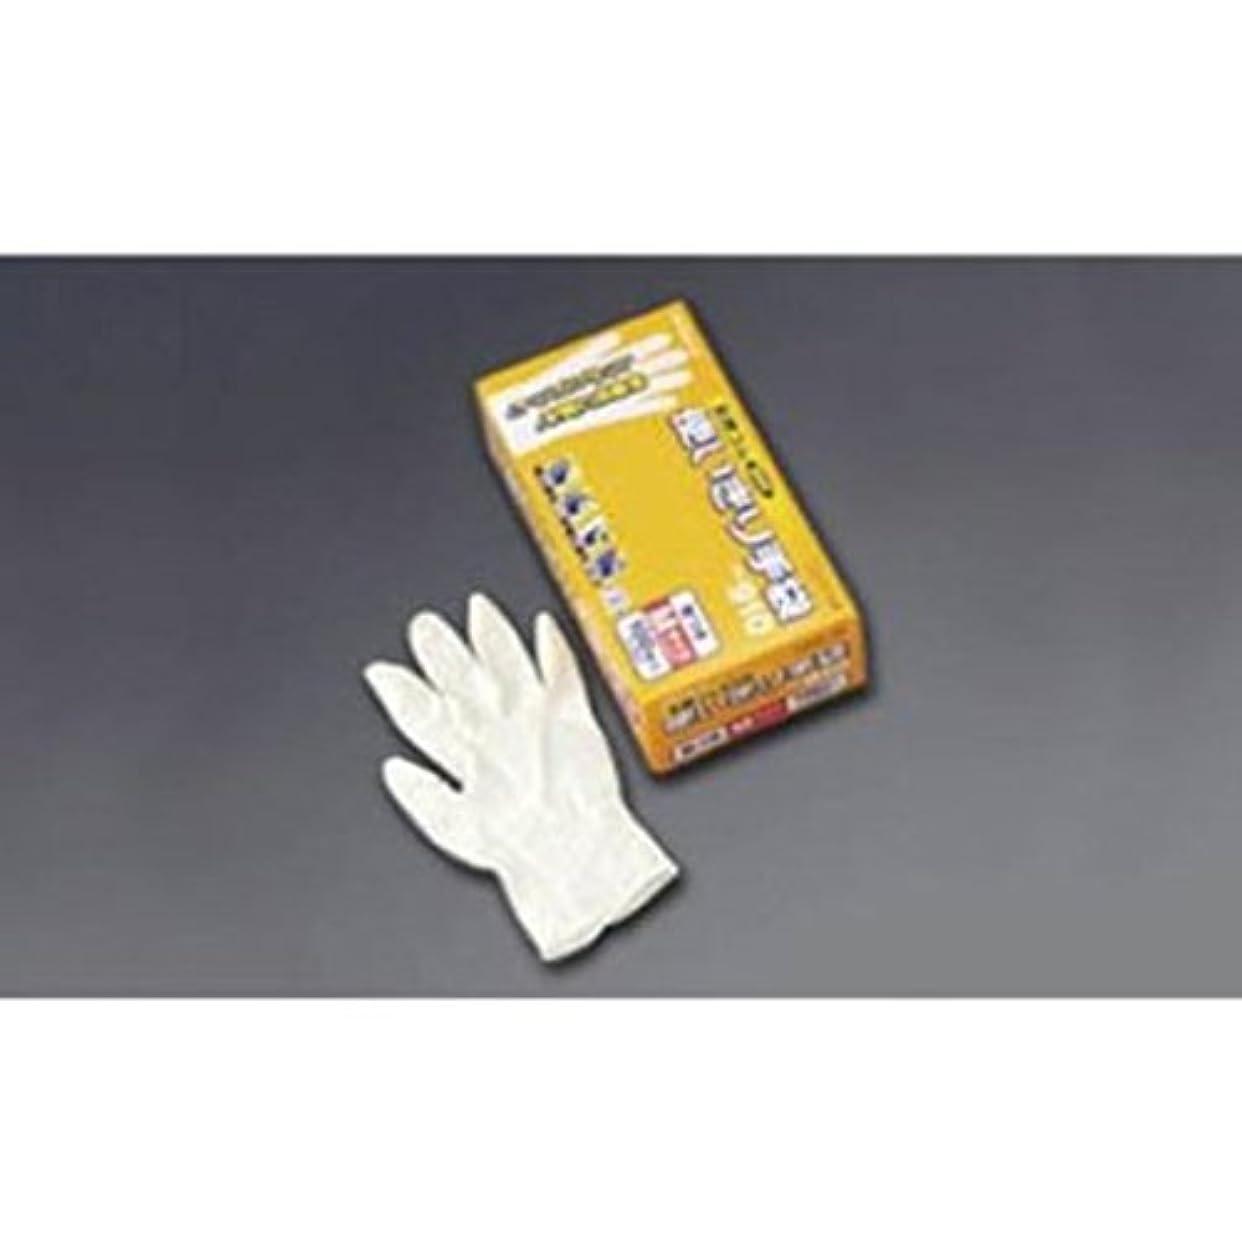 先行する地上のエゴイズム(まとめ買い)エステー 天然ゴム使い切り手袋 No.910 M 【×3セット】